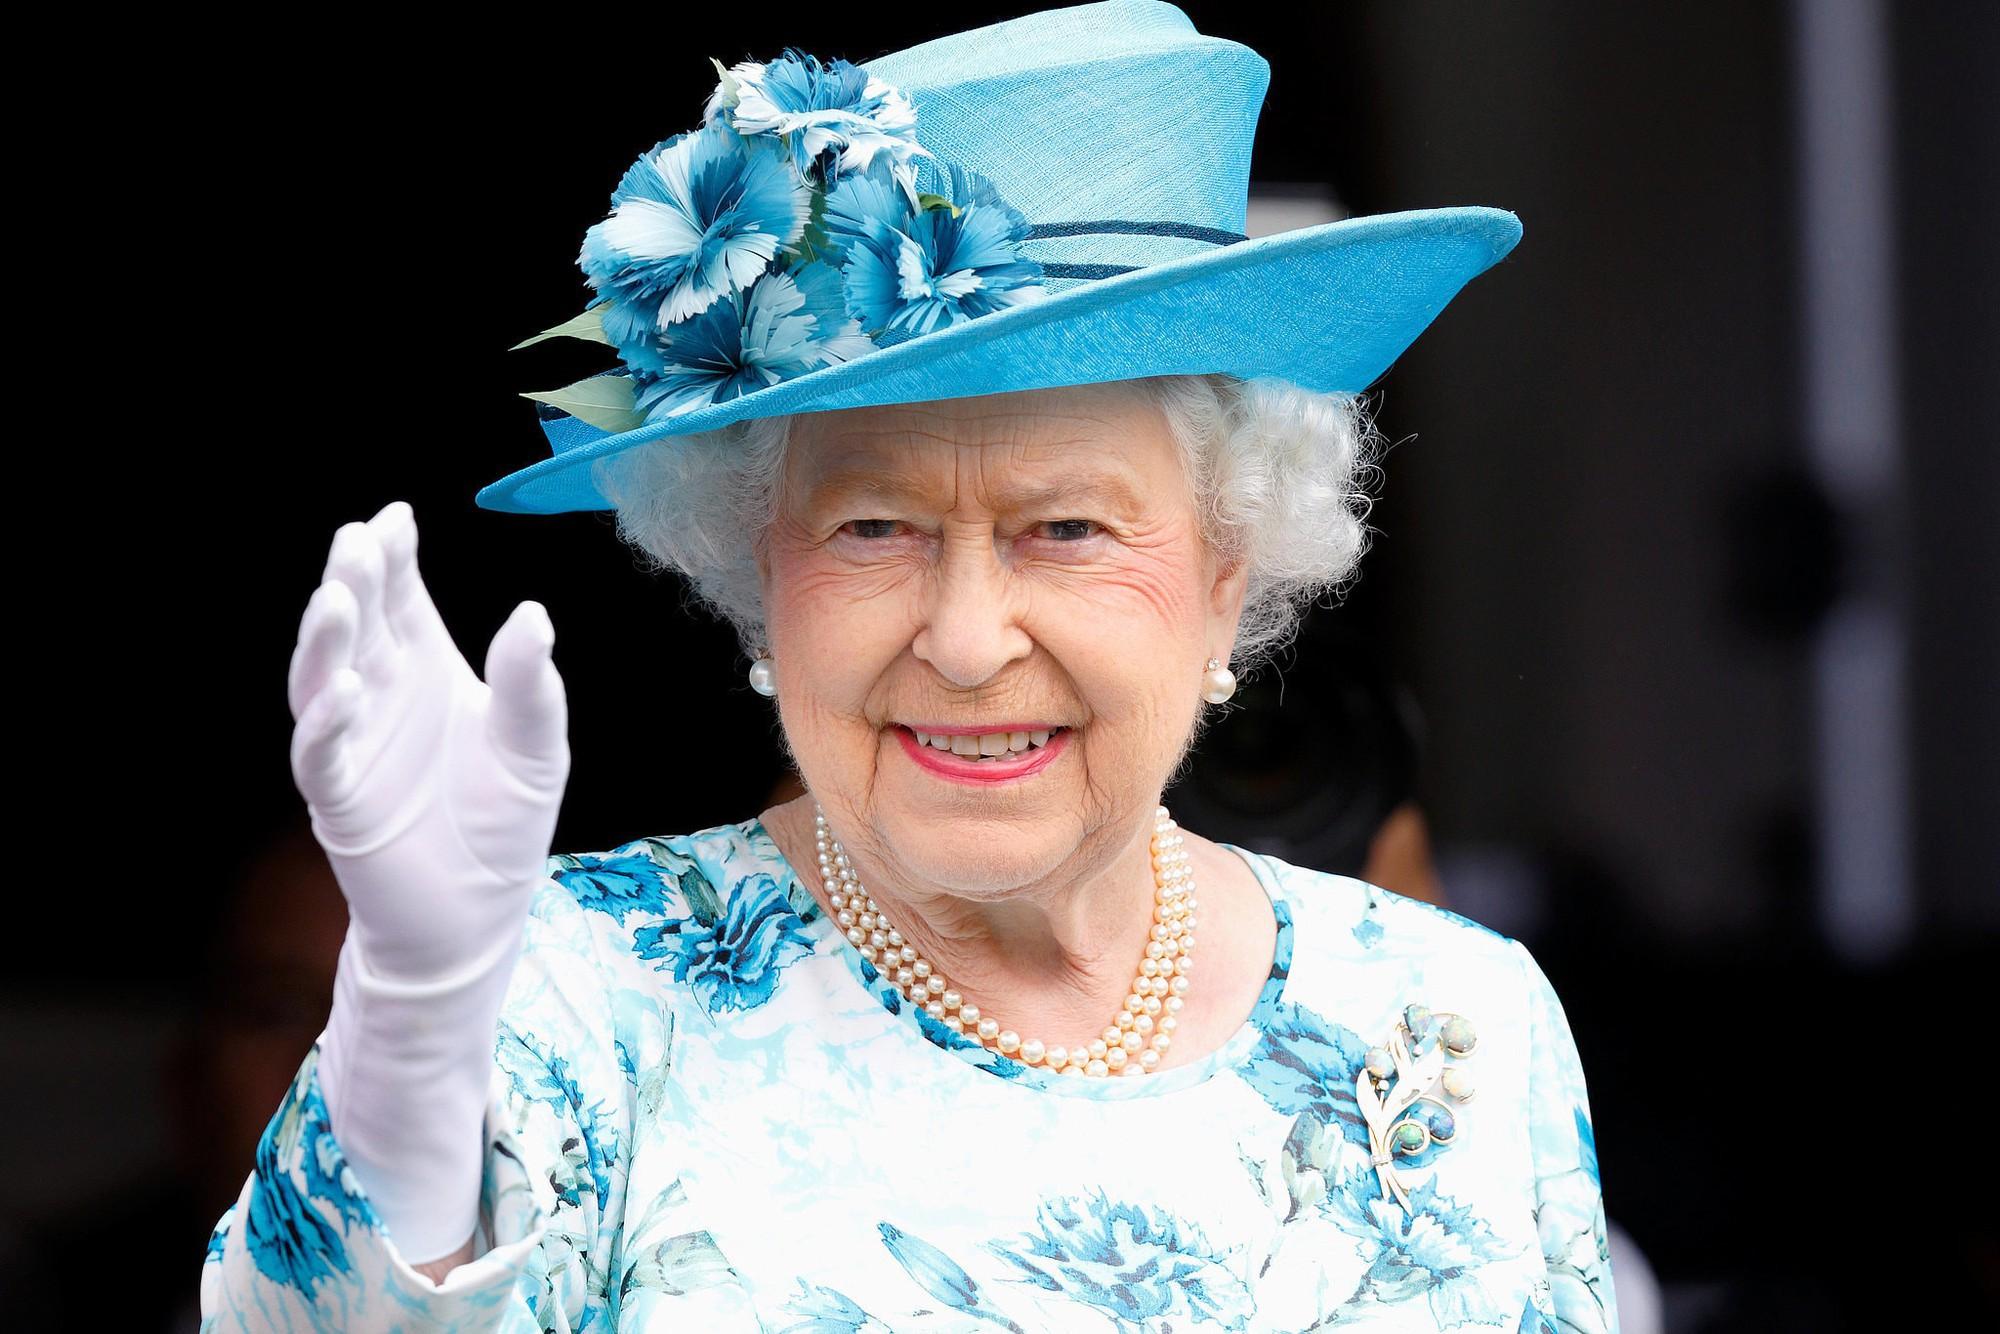 Ngoài gu diện đồ sặc sỡ, Nữ hoàng Anh còn có 5 bí mật làm nên phong cách thời trang không thể trộn lẫn - Ảnh 6.